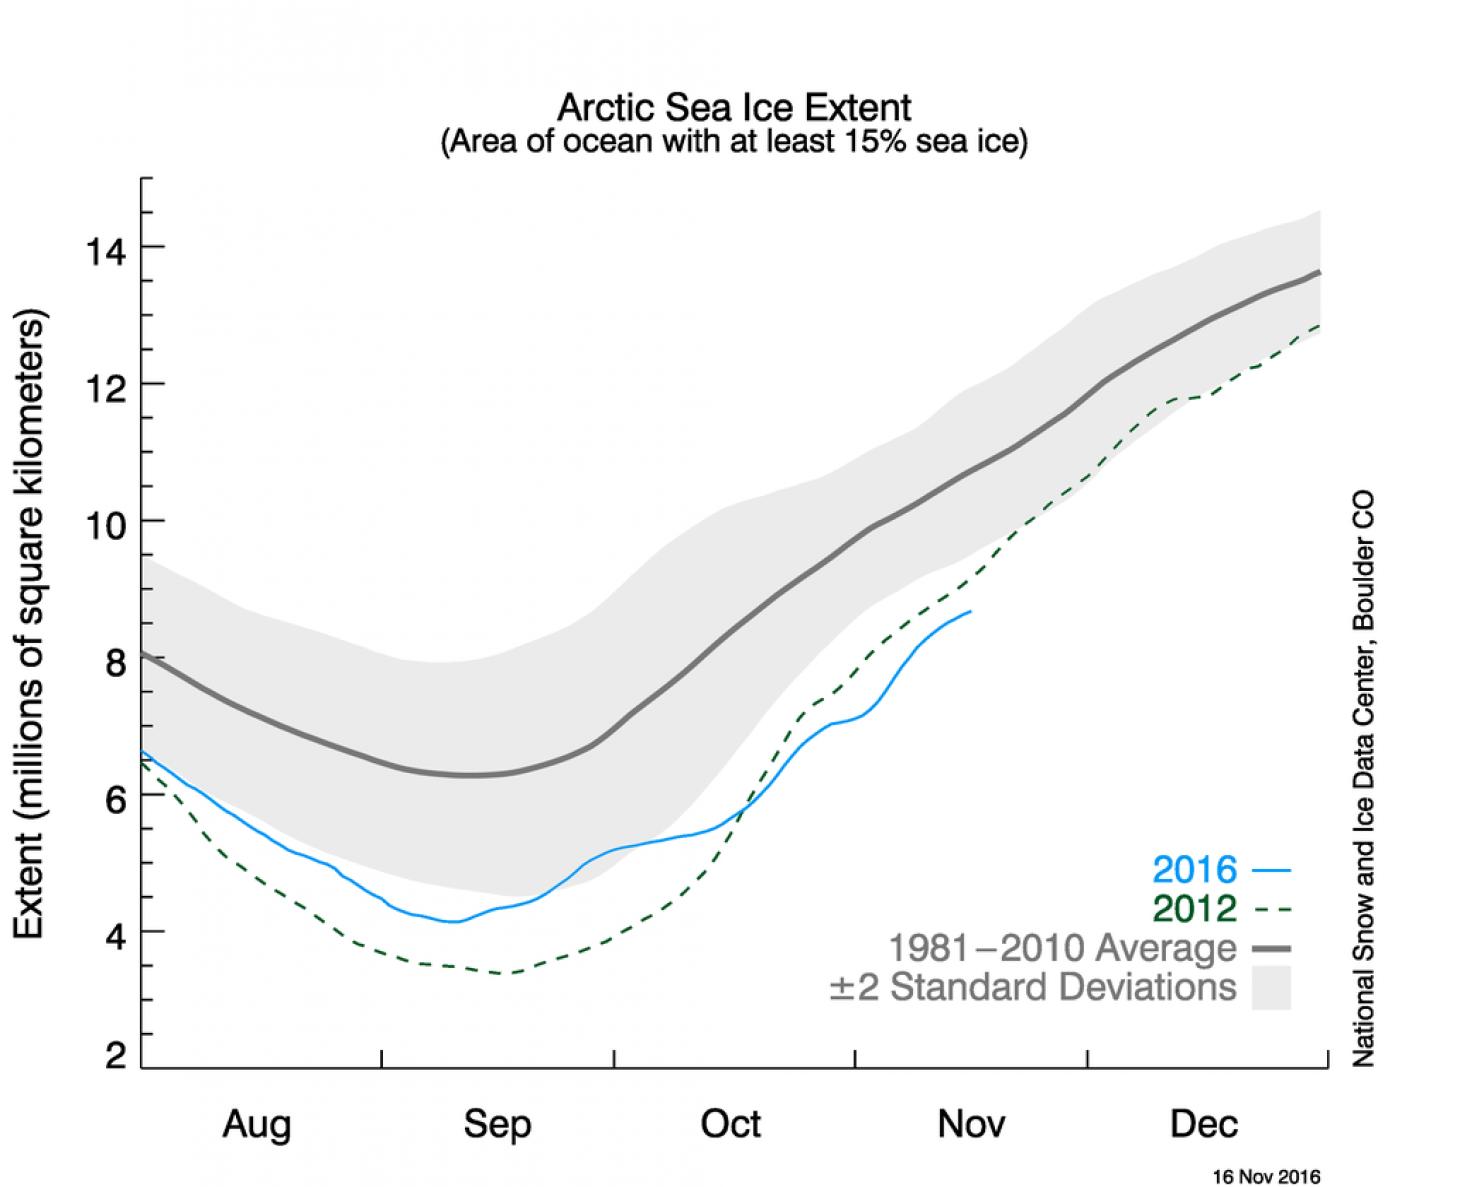 海冰覆蓋率一度低於 2012 年歷史最低的紀錄